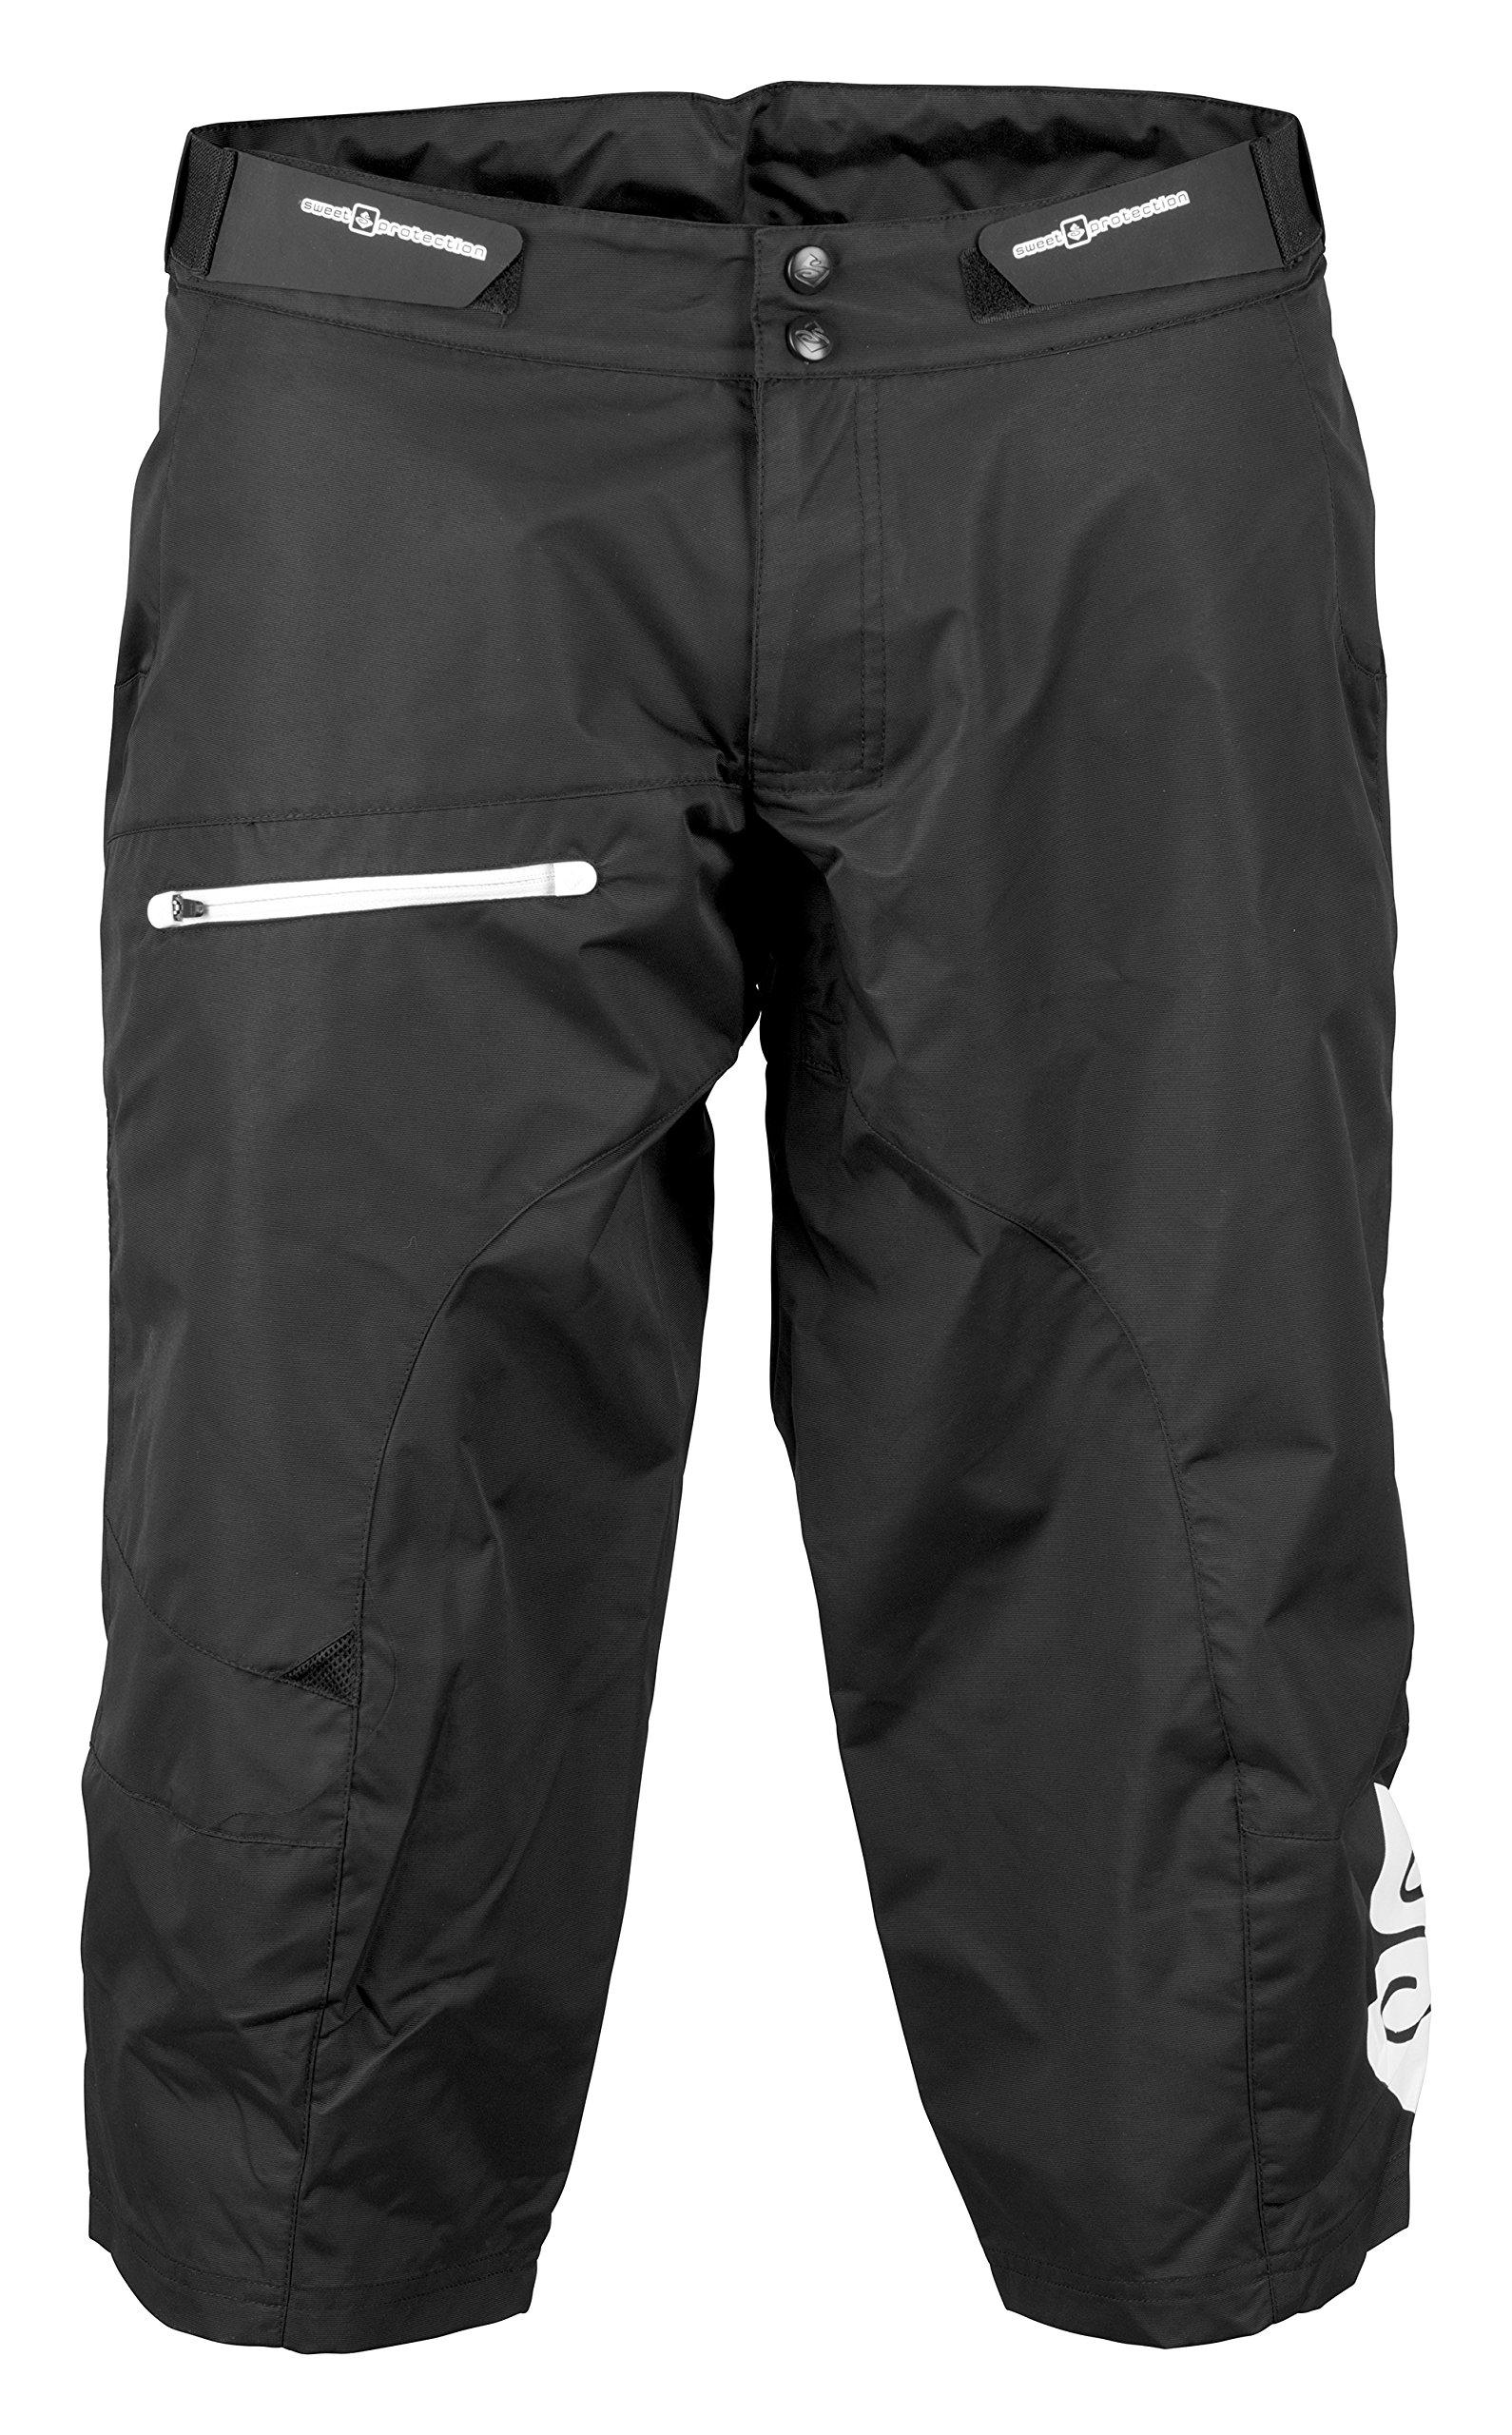 Sweet Protection Shambala Paddle Shorts, True Black, Large by Sweet Protection